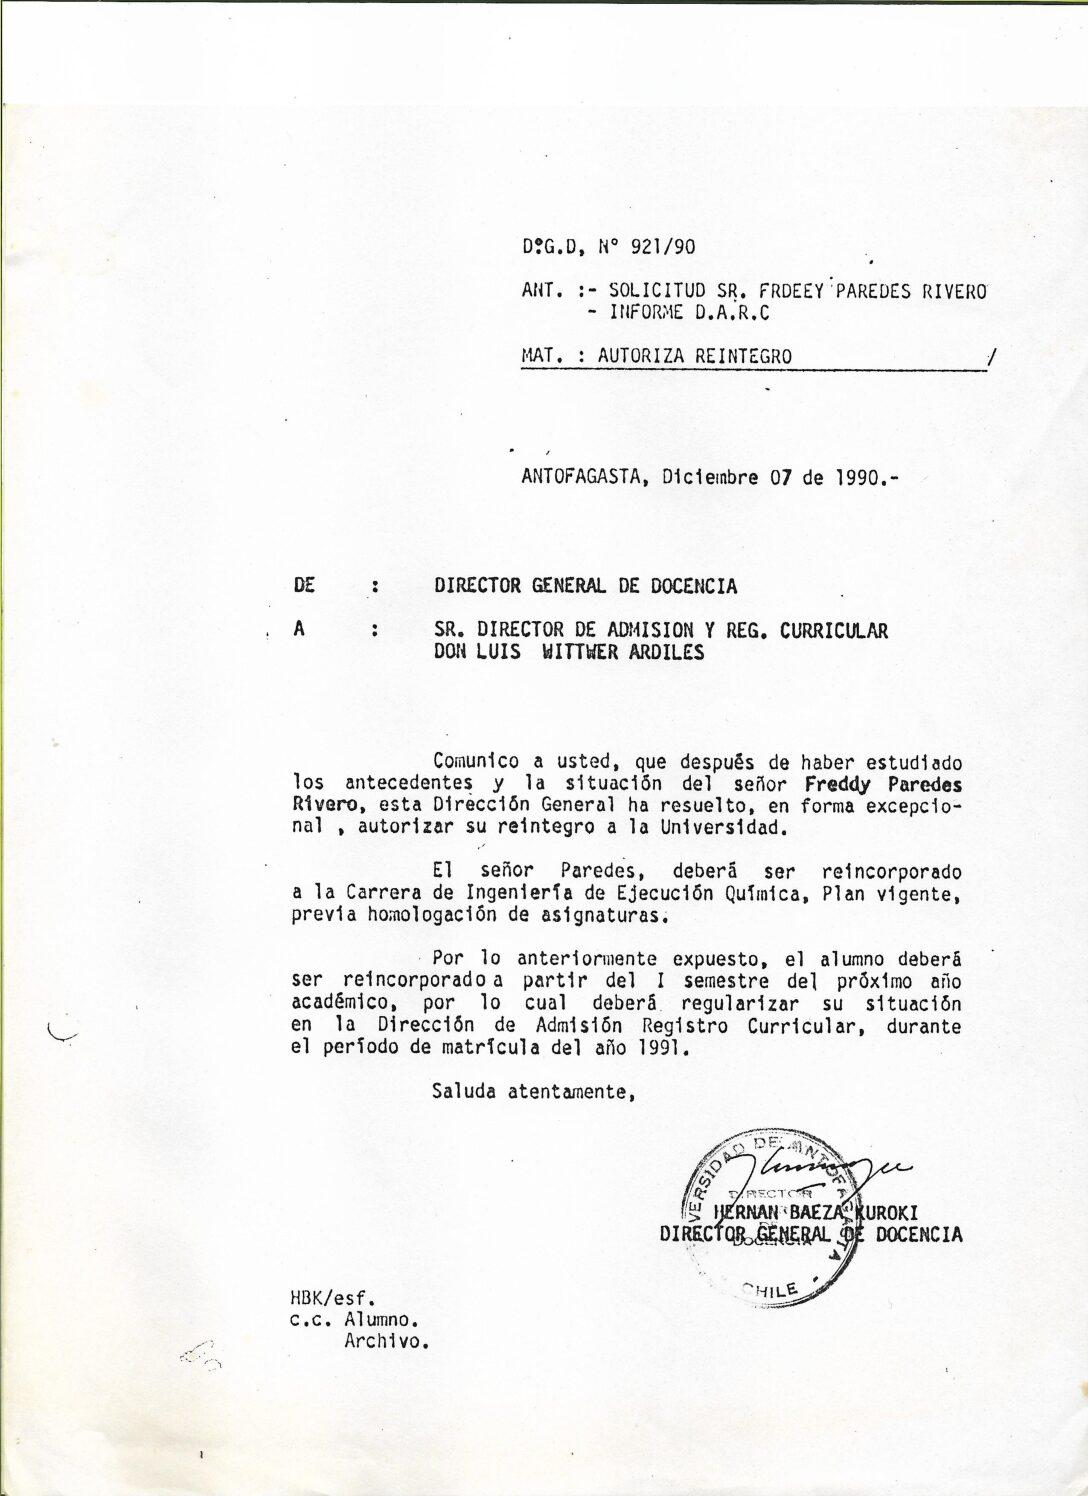 Certificado de reincorporación de Freddy Paredes Rivero